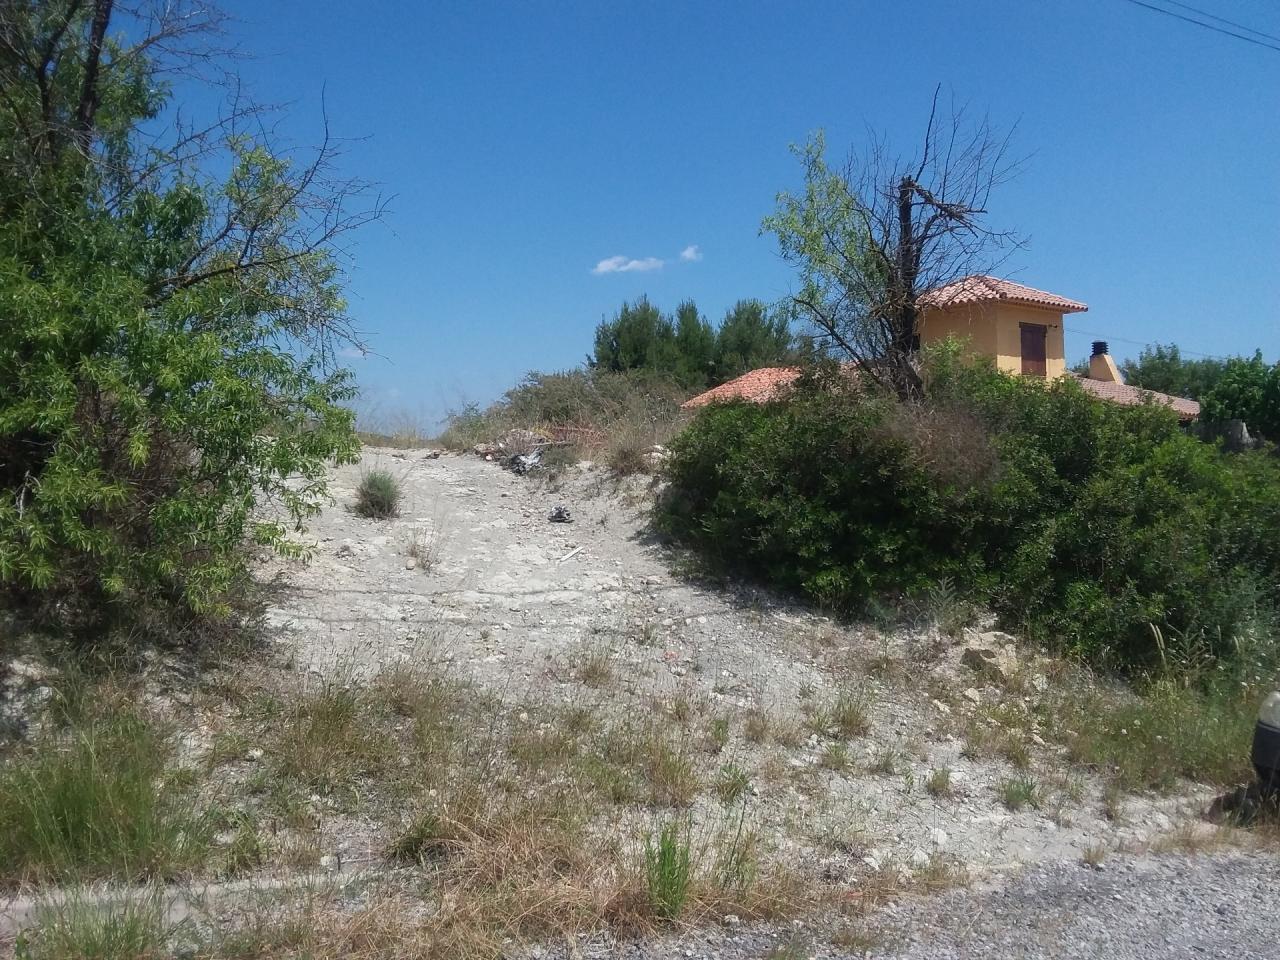 Terreno en URB. MÁS ENRIC (Castellbell i el Vilar)